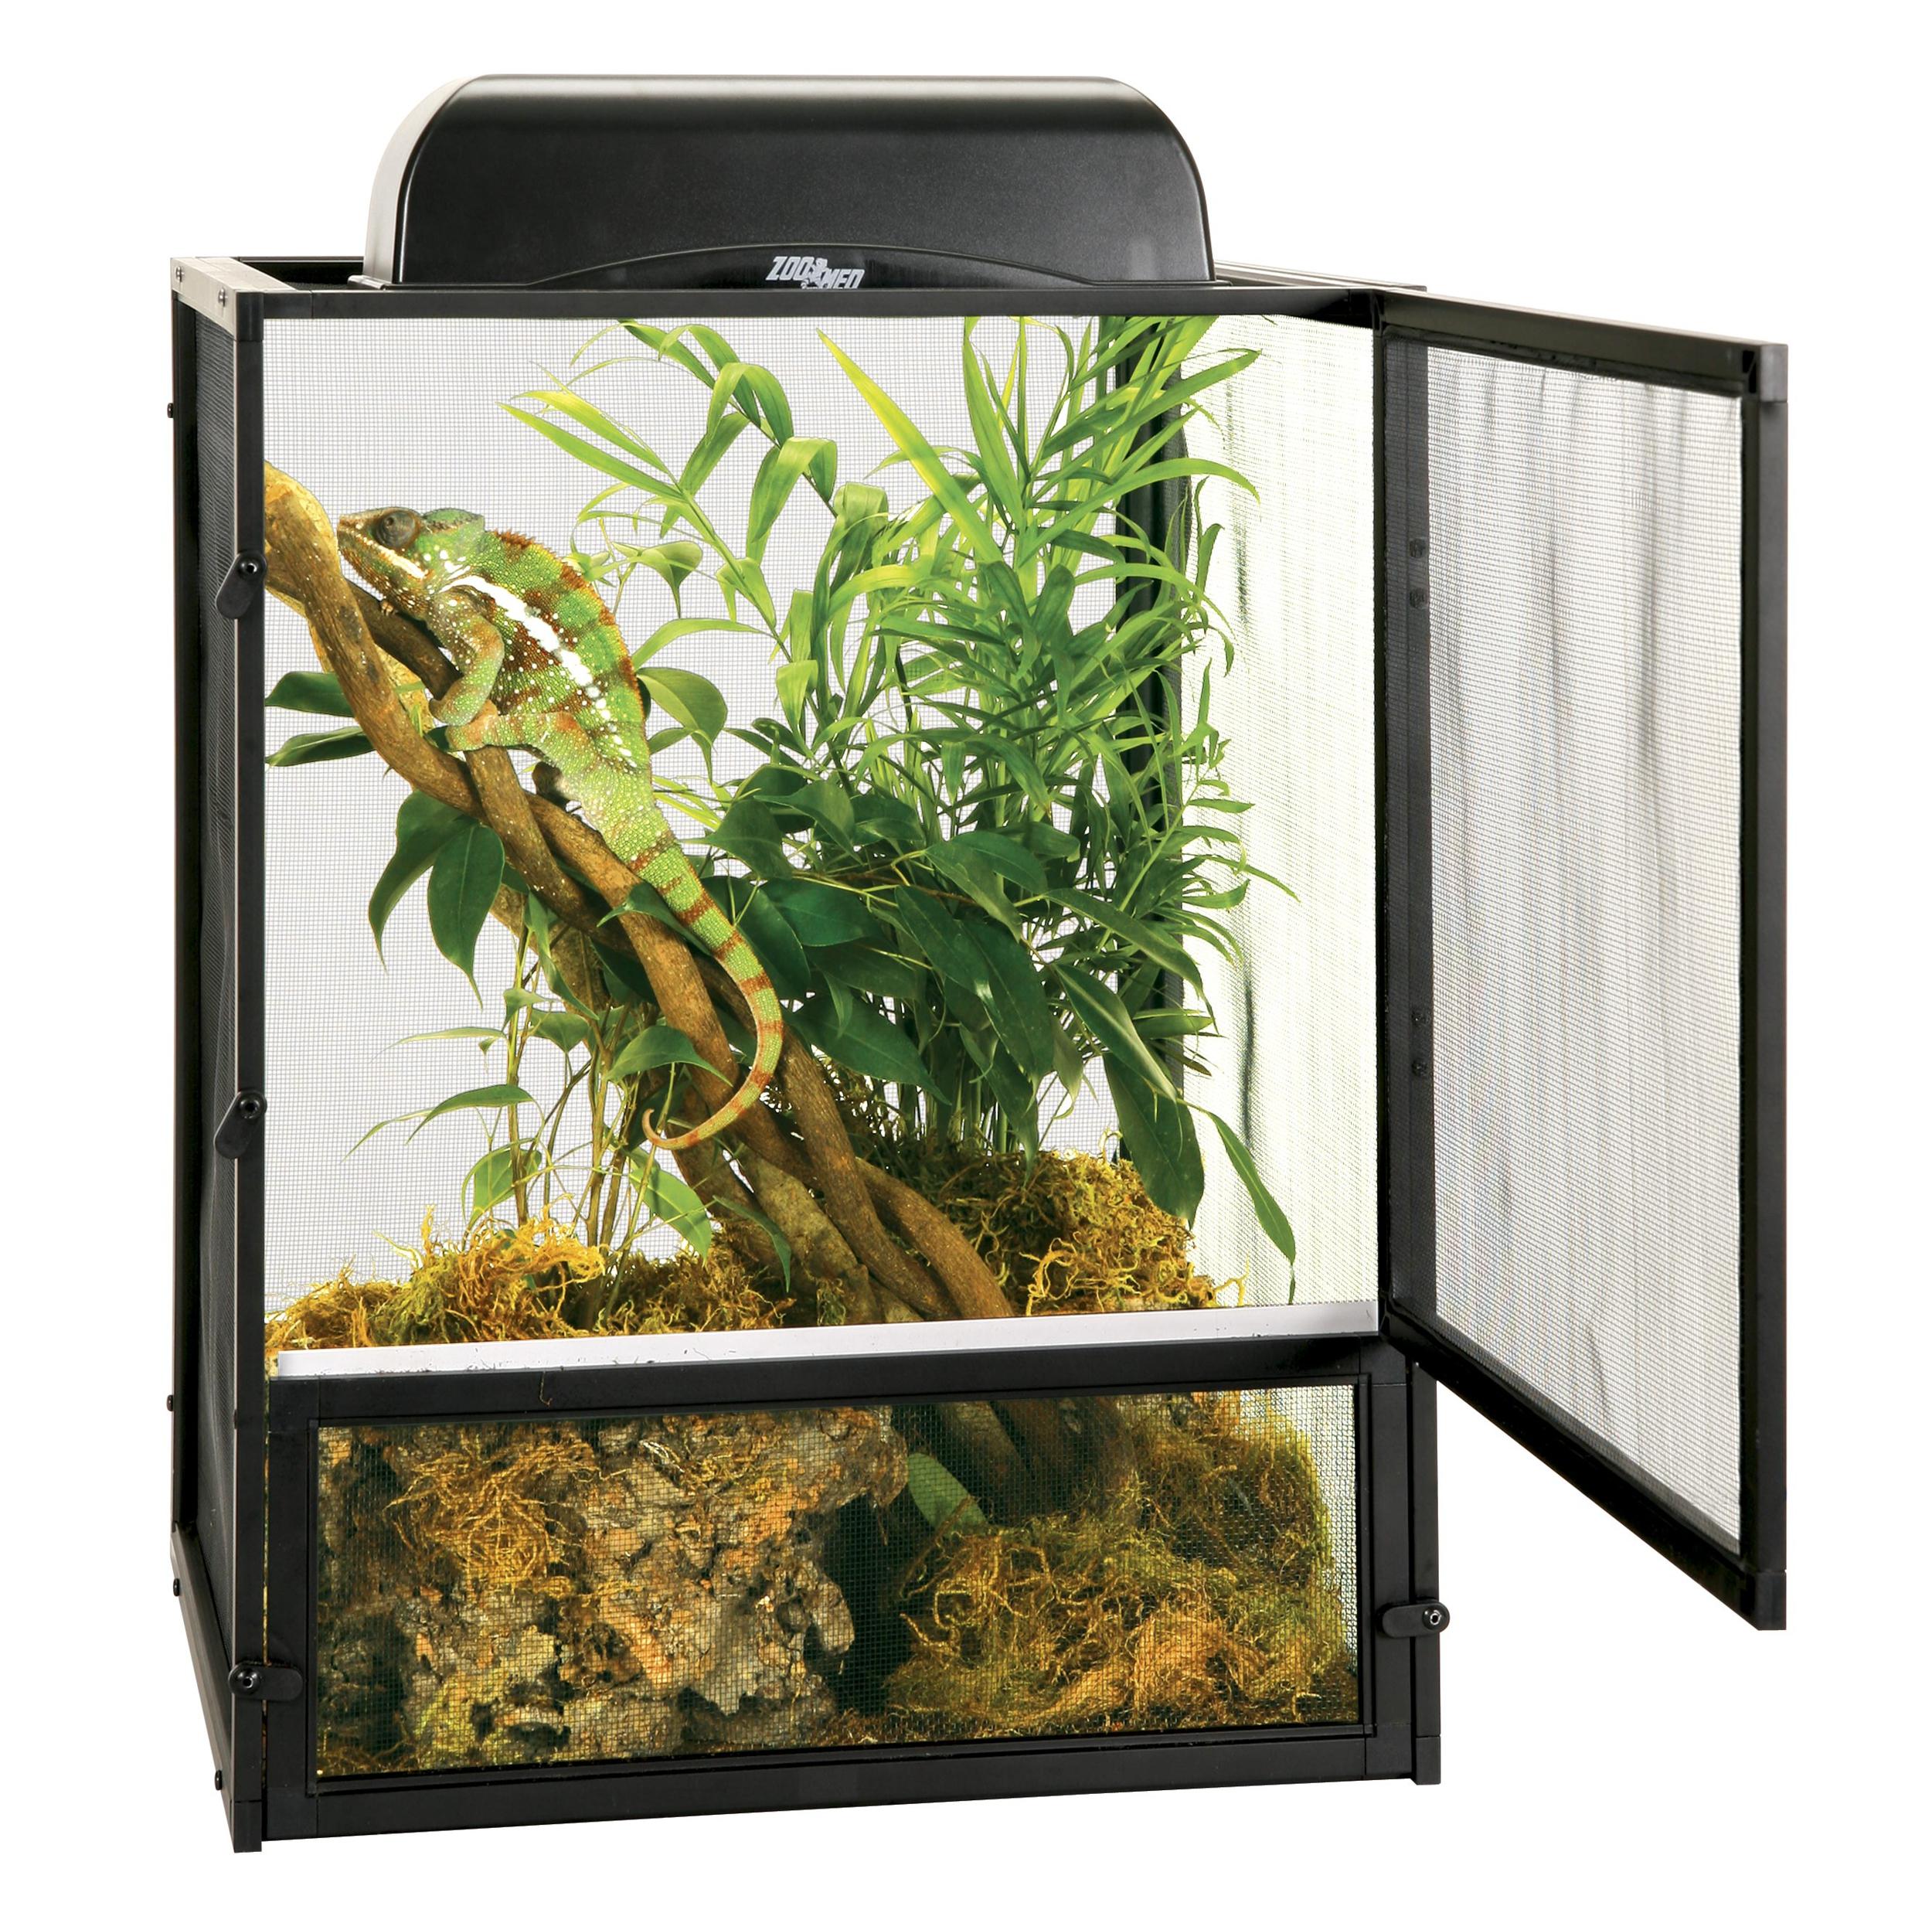 ZOOMED Repti Breeze NT10 terrarium grillagé 41 x 27 x 41 cm pour reptiles